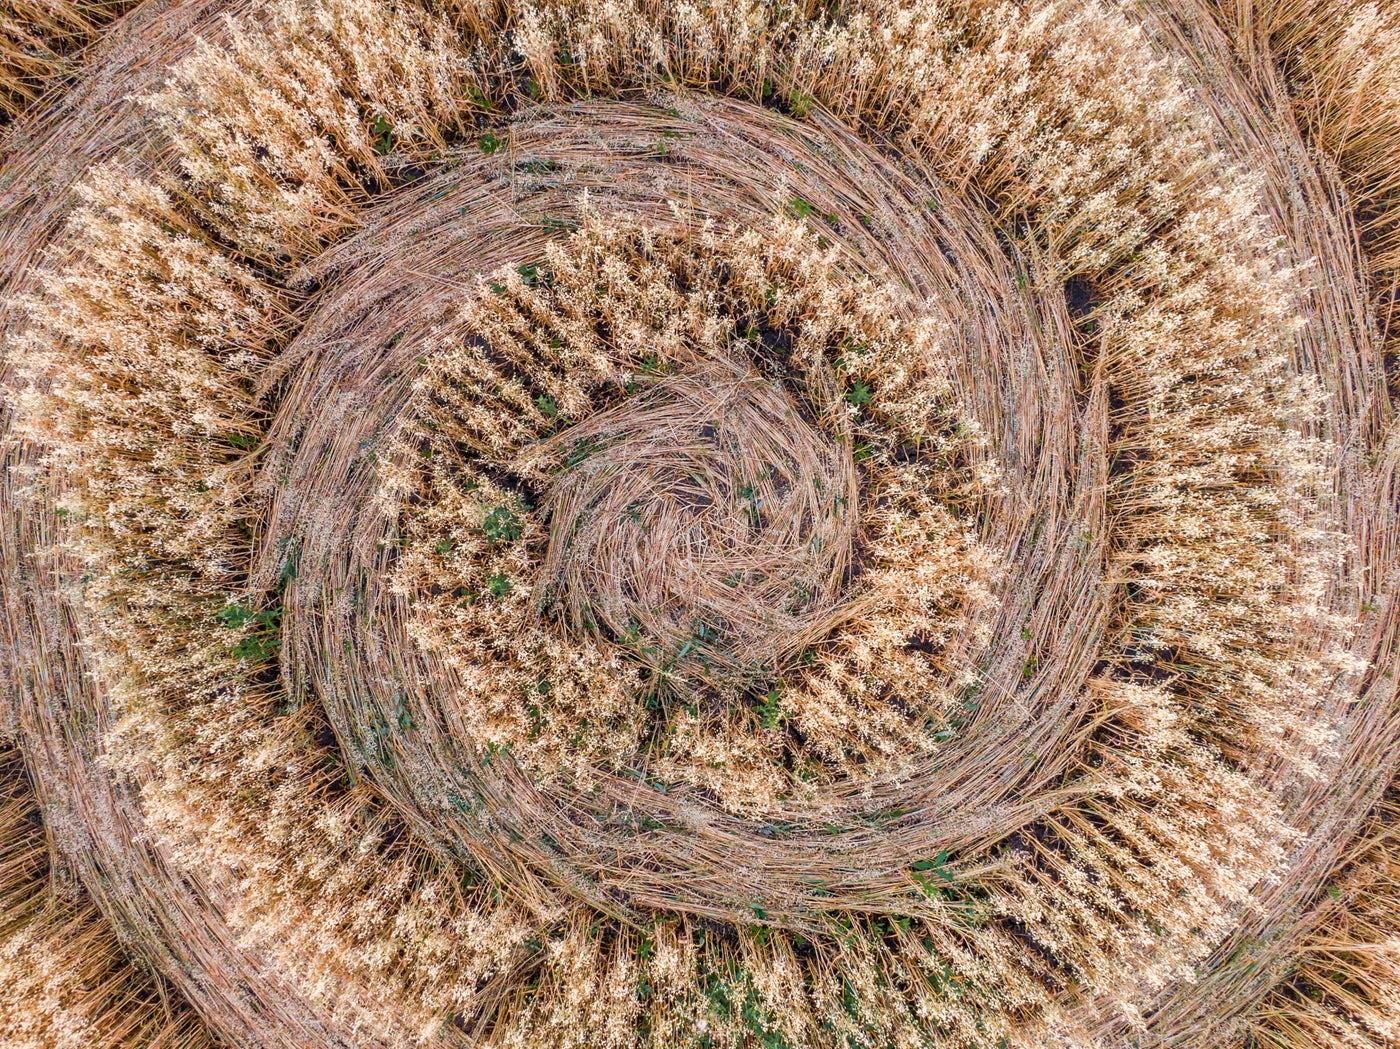 Crop Circles Aerial Close-Up: Stock Photos